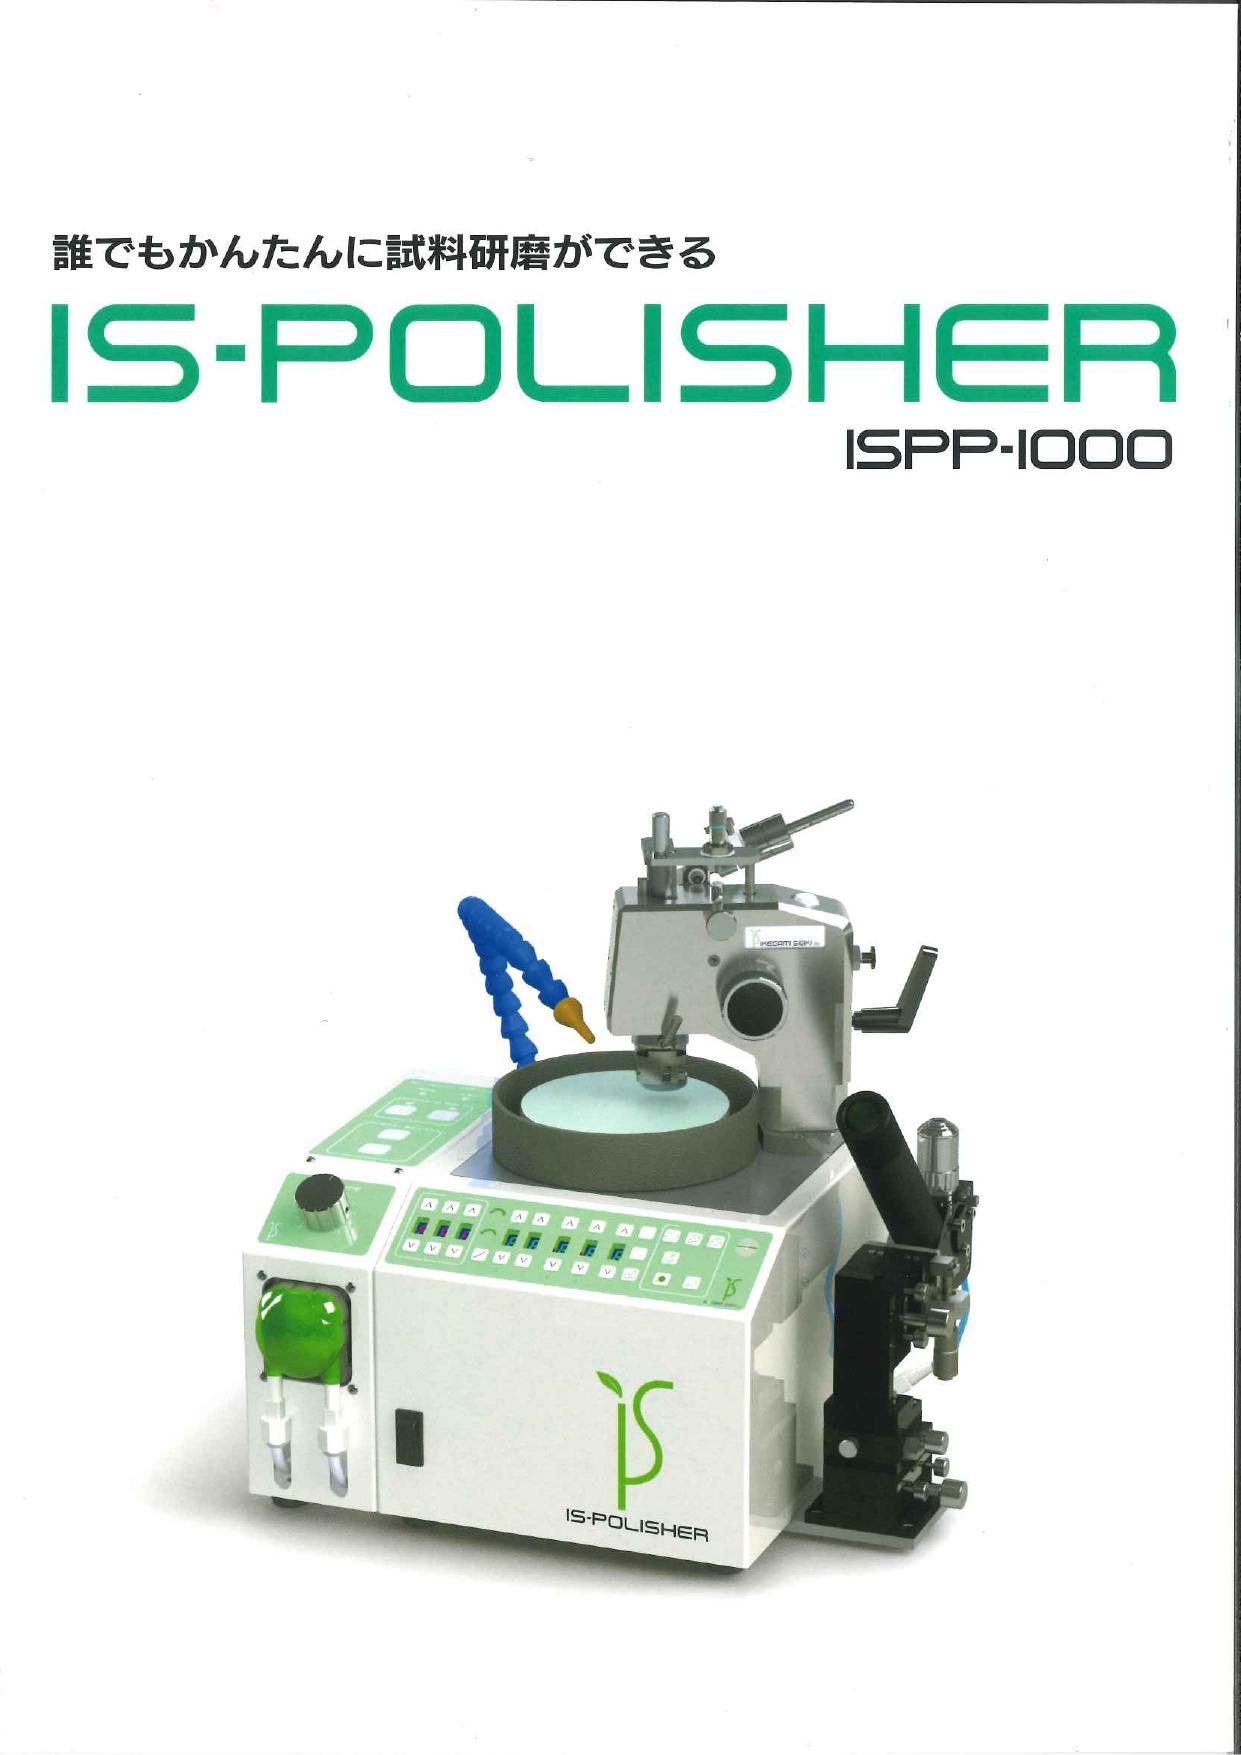 試料研磨機  IS-POLISHER ISPP-1000